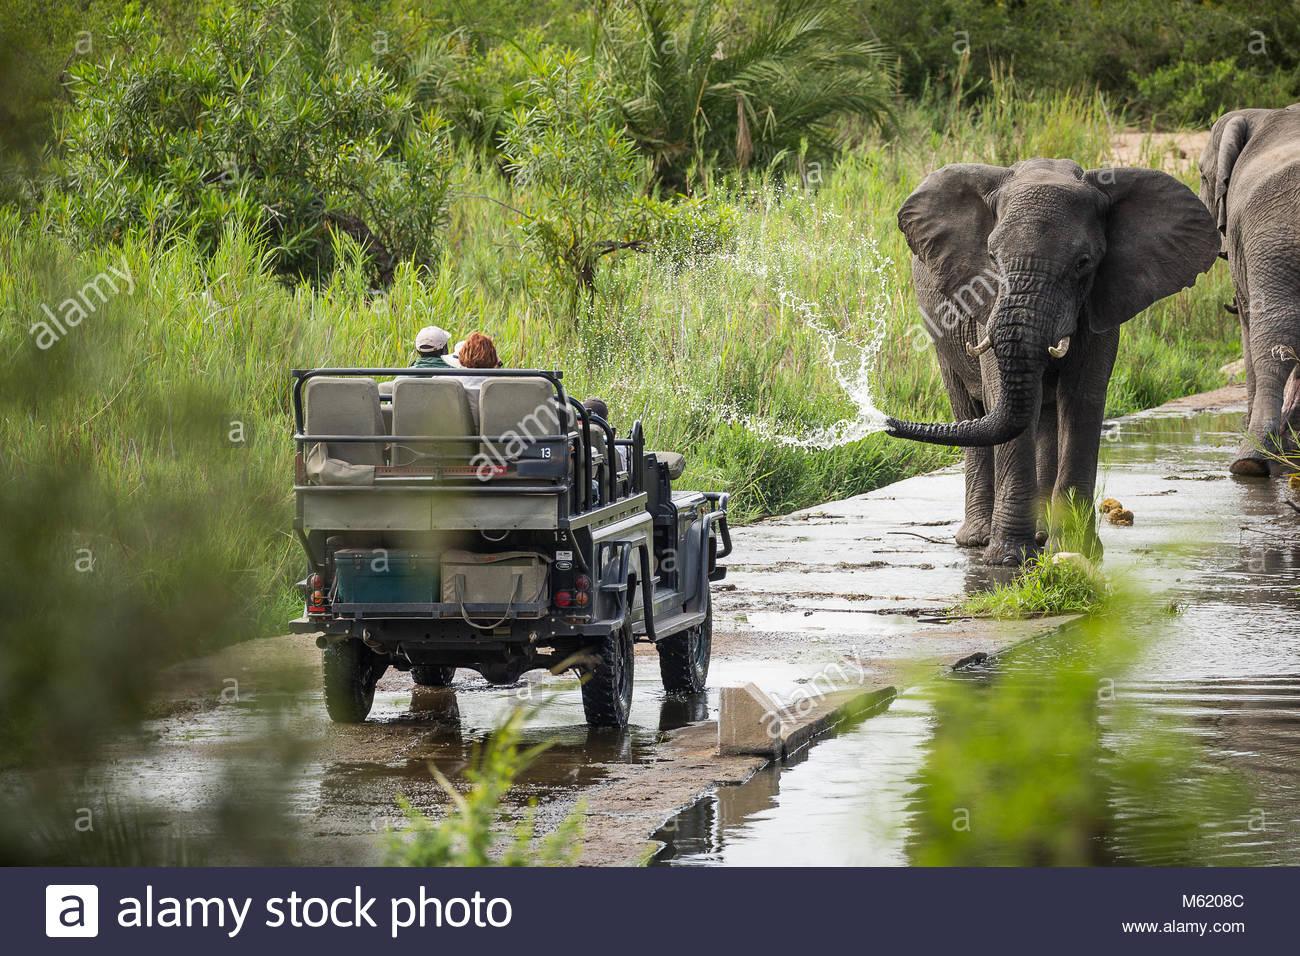 Ein großer Bulle Afrikanischer Elefant, Loxodonta africana, Sprays Wasser auf dem Weg zu einer Safari Fahrzeug. Stockbild